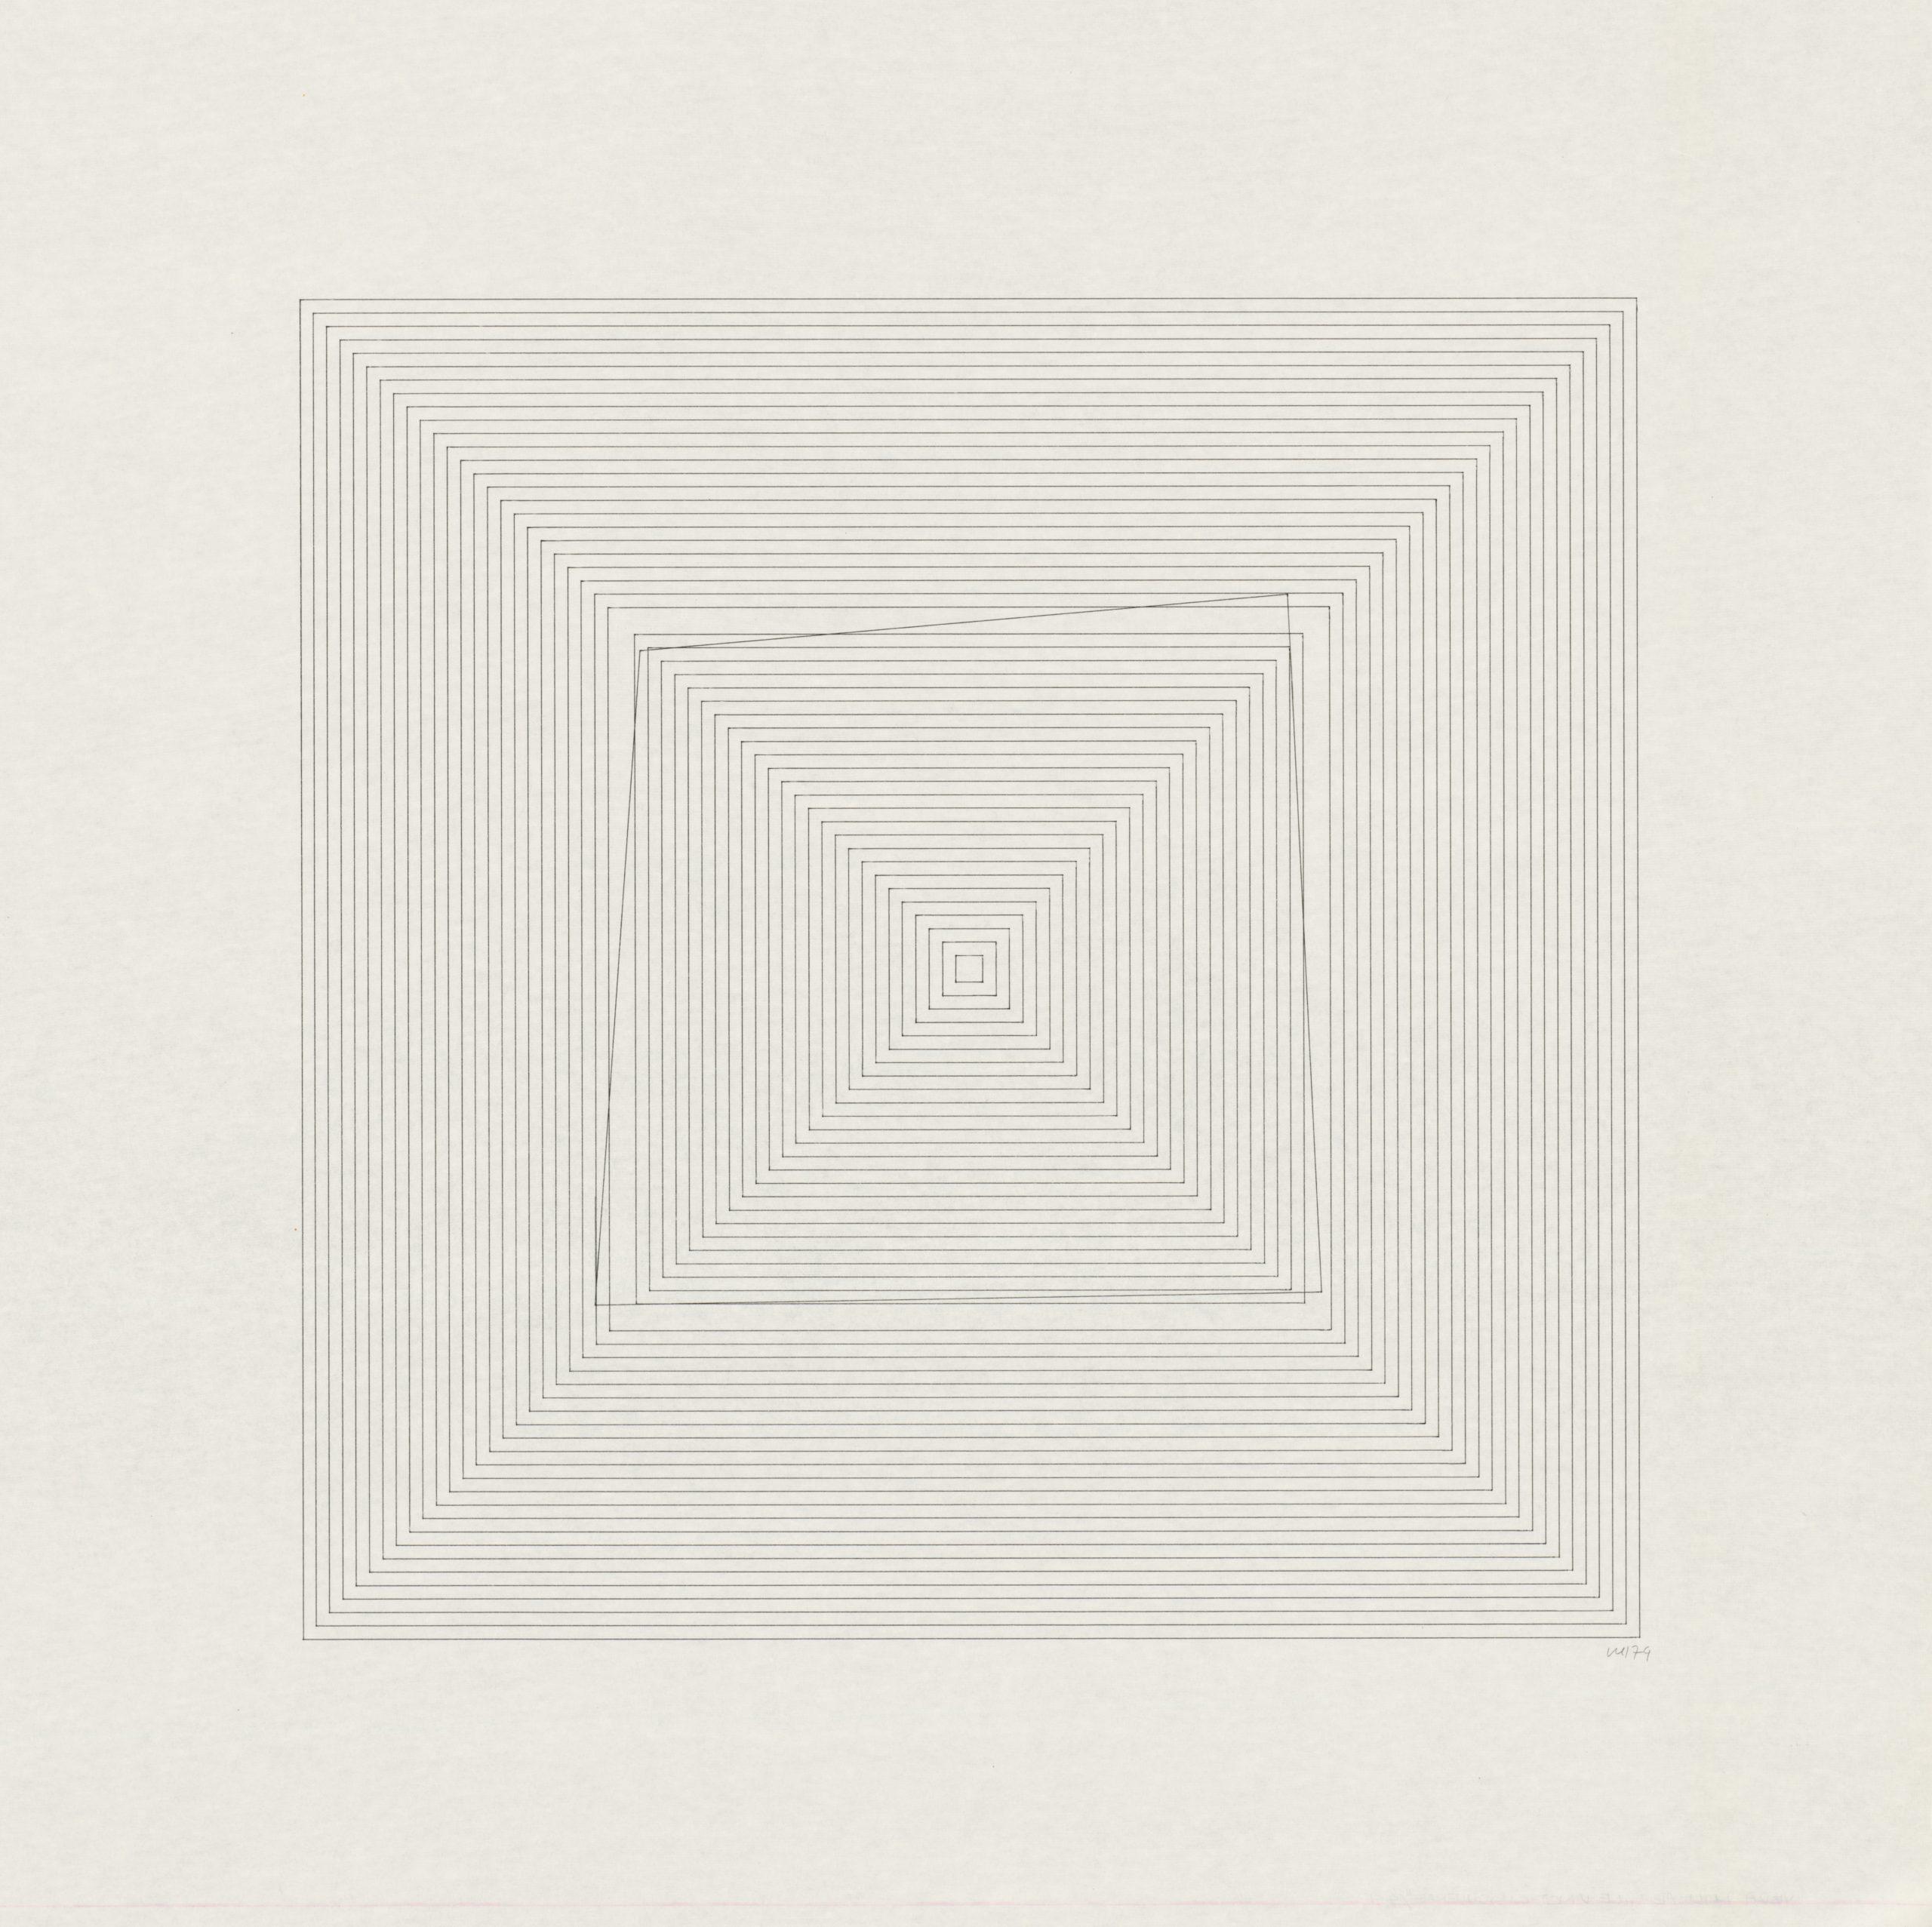 Vera Molnar,  1 Prozent Serie, Plotterzeichnung, Tinte auf Papier, 50 x 50 cm, 1974, Preis: 15 000 Euro